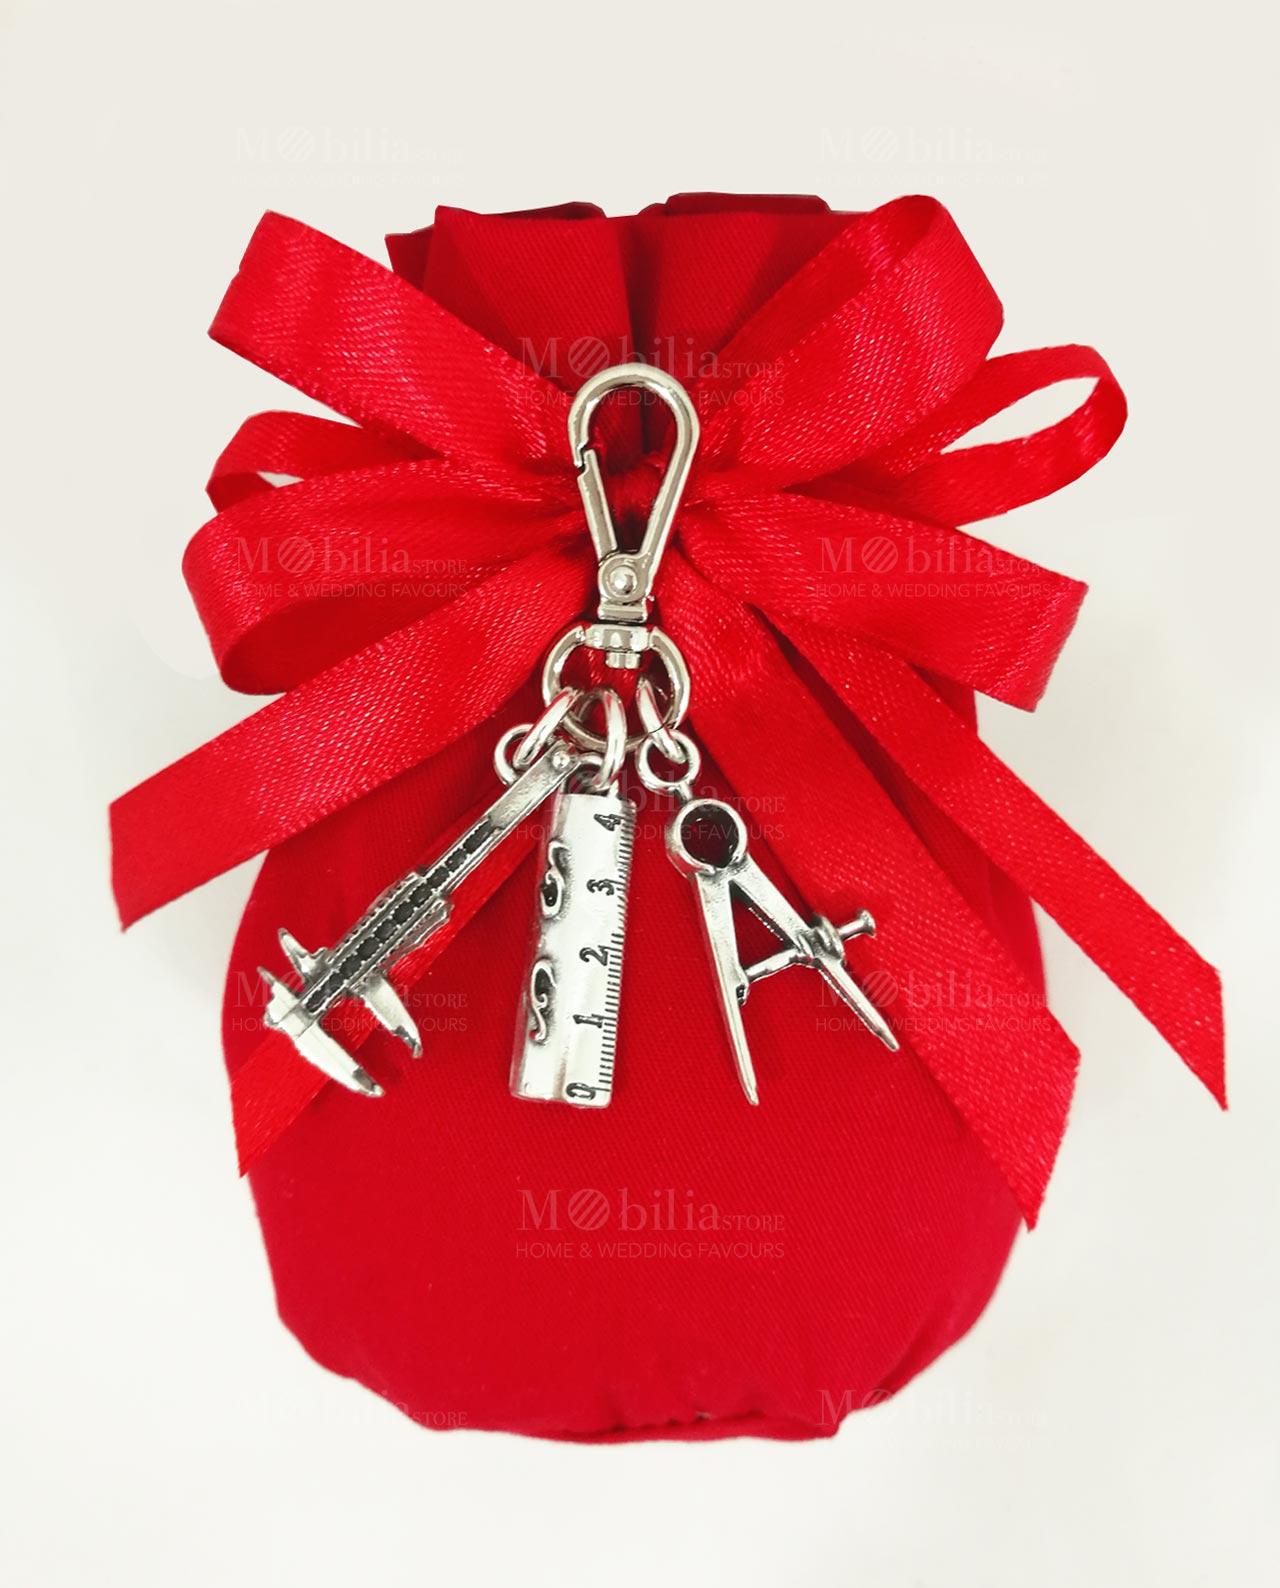 portachiavi con compasso e righello argento tabor su sacchetto rosso 4de8042d0e67